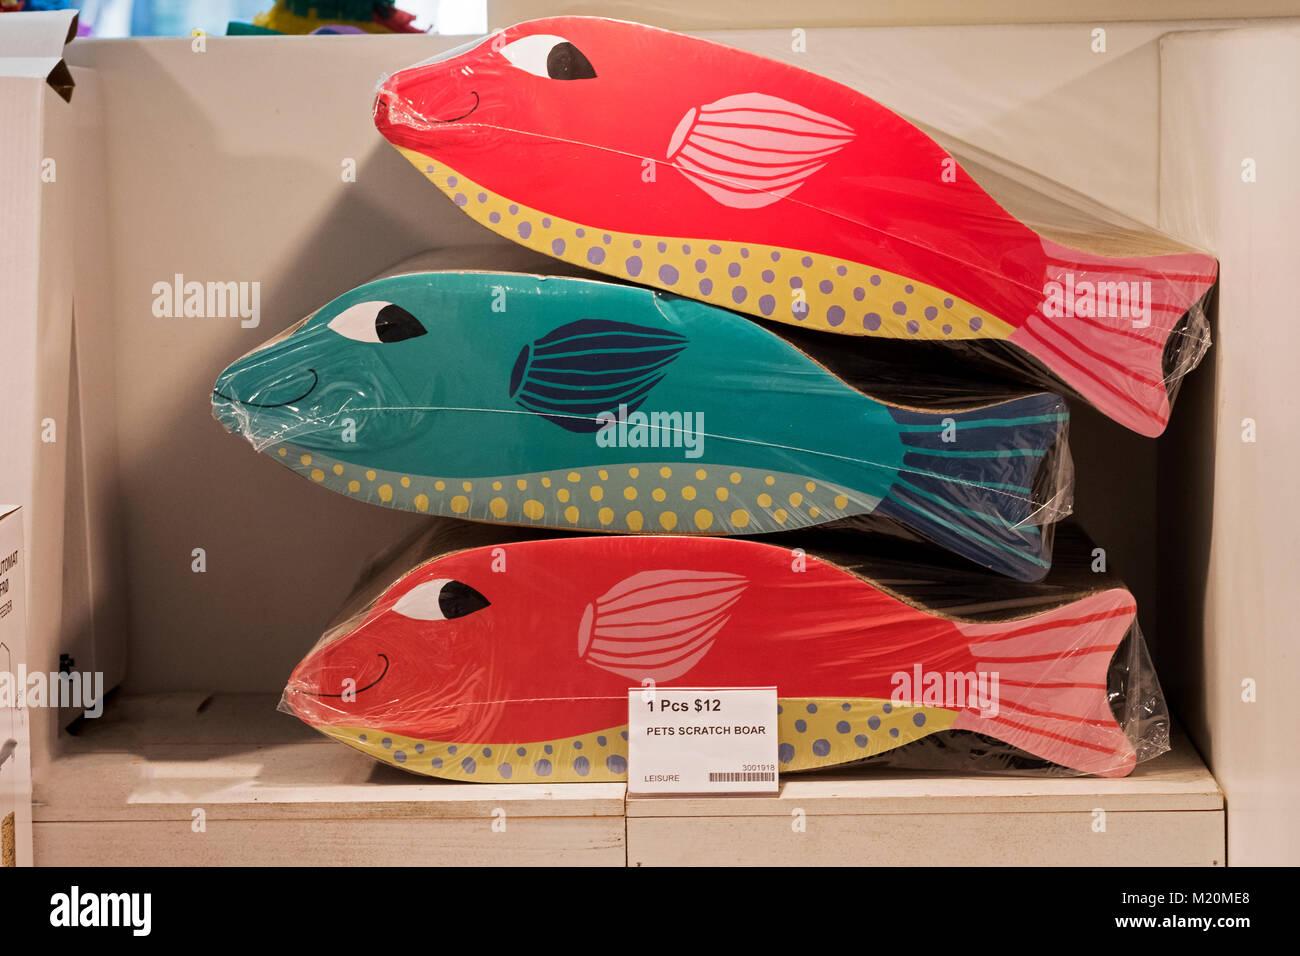 Fisch geformt scratch Boards zum Verkauf an Flying Tiger Kopenhagen, ein dänischer Chain Store mit preiswerten Stockbild